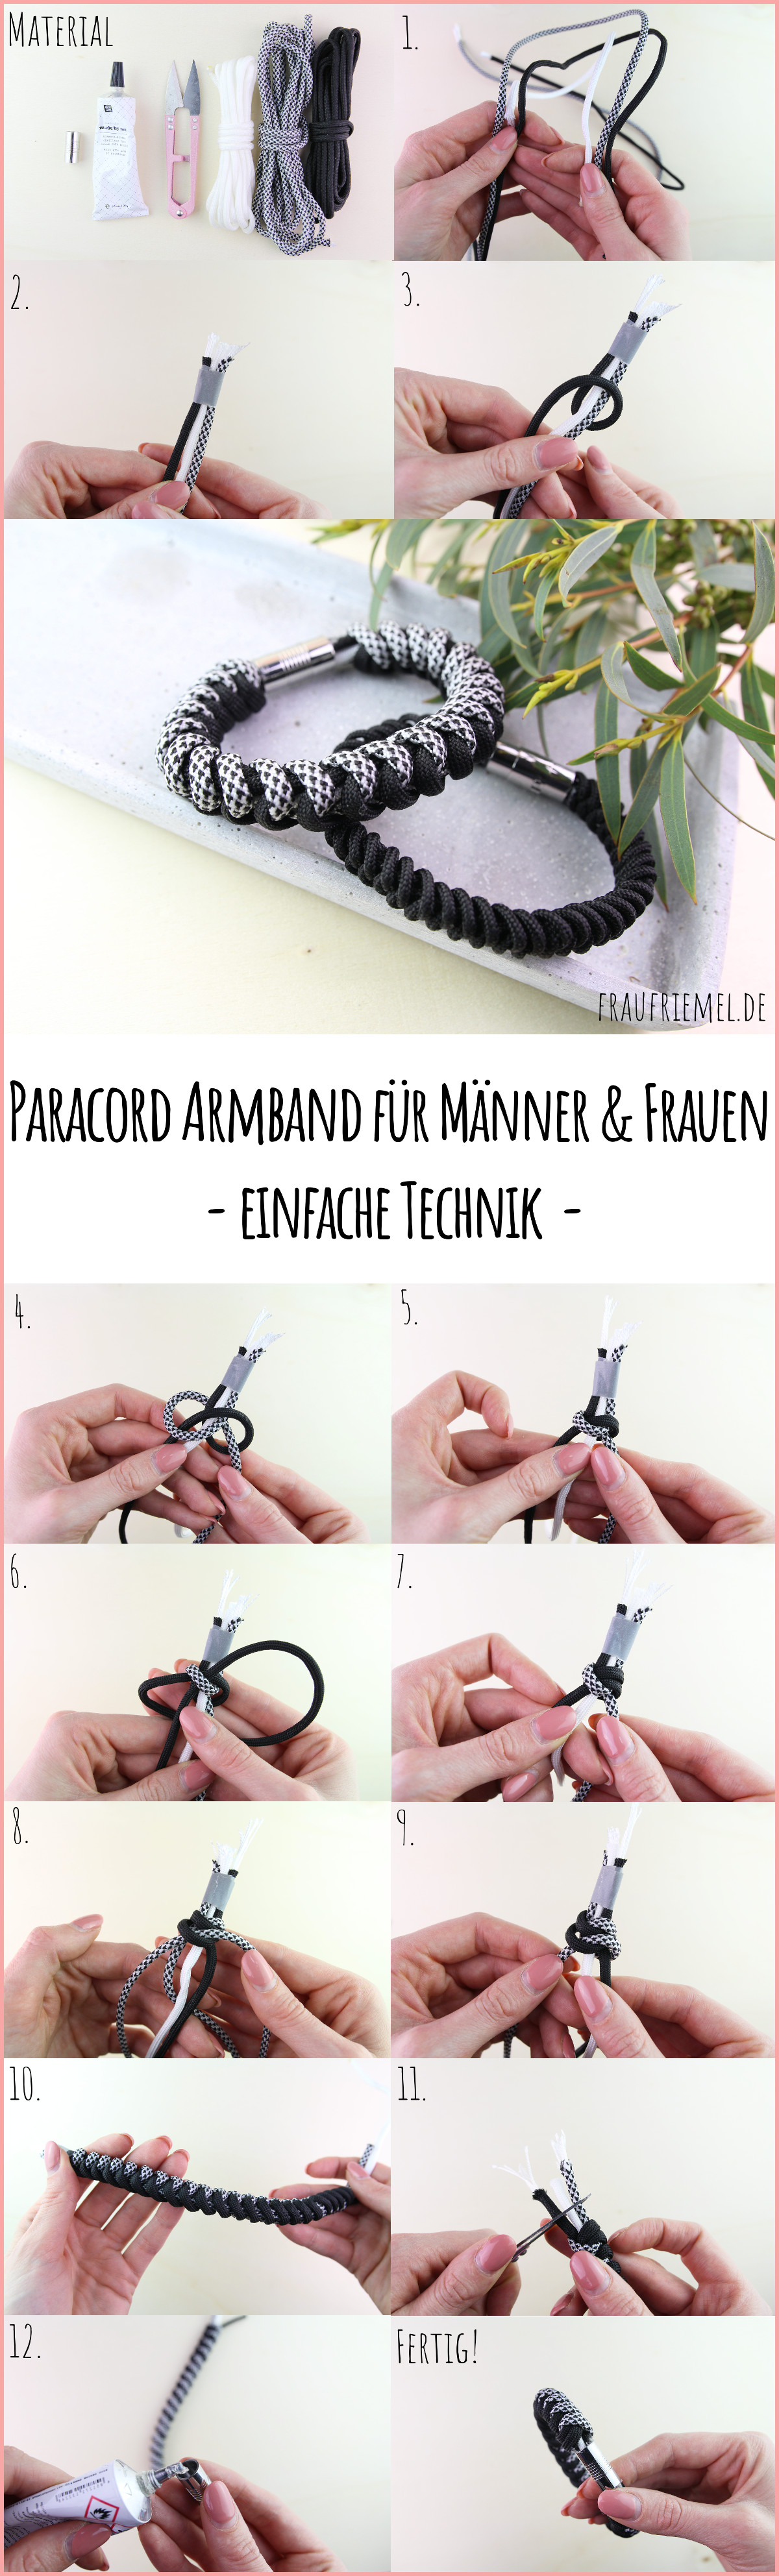 DIY Anleitung Paracord Armband flechten für Männer